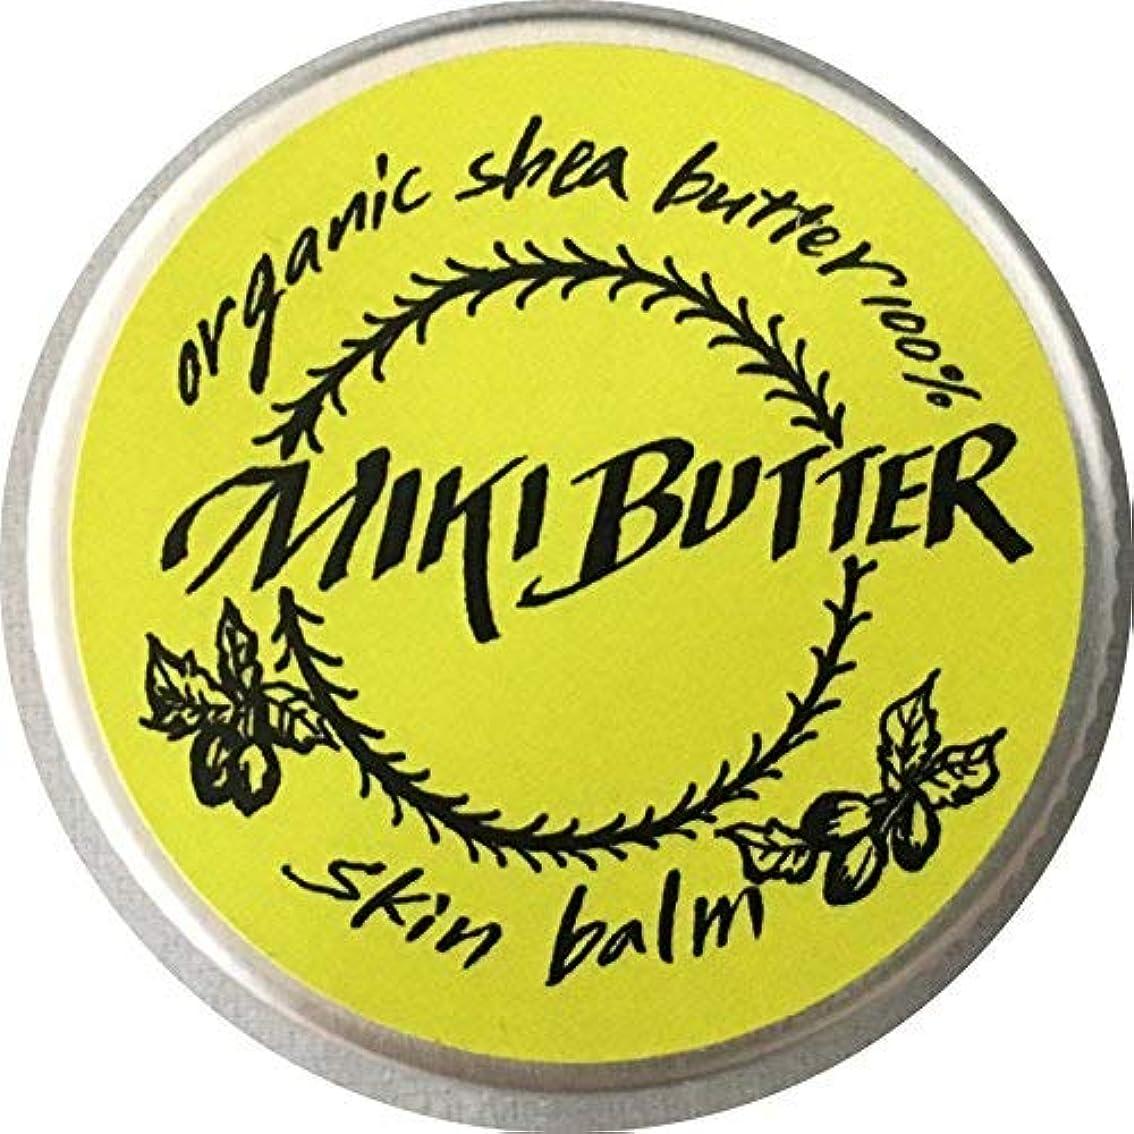 二度香ばしいシェア100% 天然 未精製シアバター ミキバター (パール柑, 45)